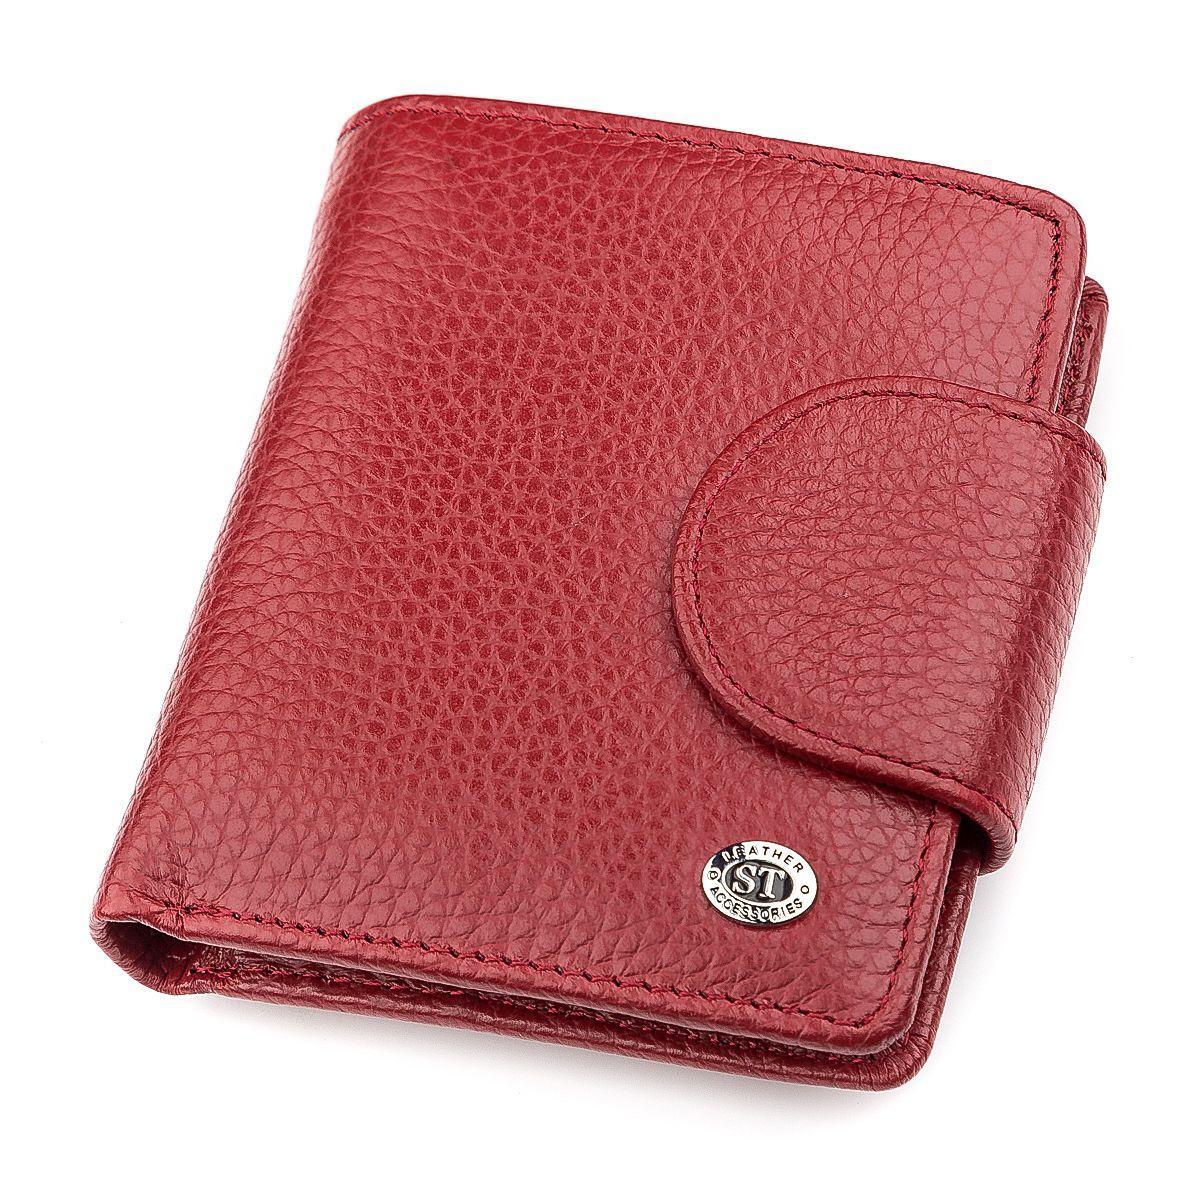 Гаманець Жіночий St Leather 18499 (St415) Невеликий Бордовий, Червоний